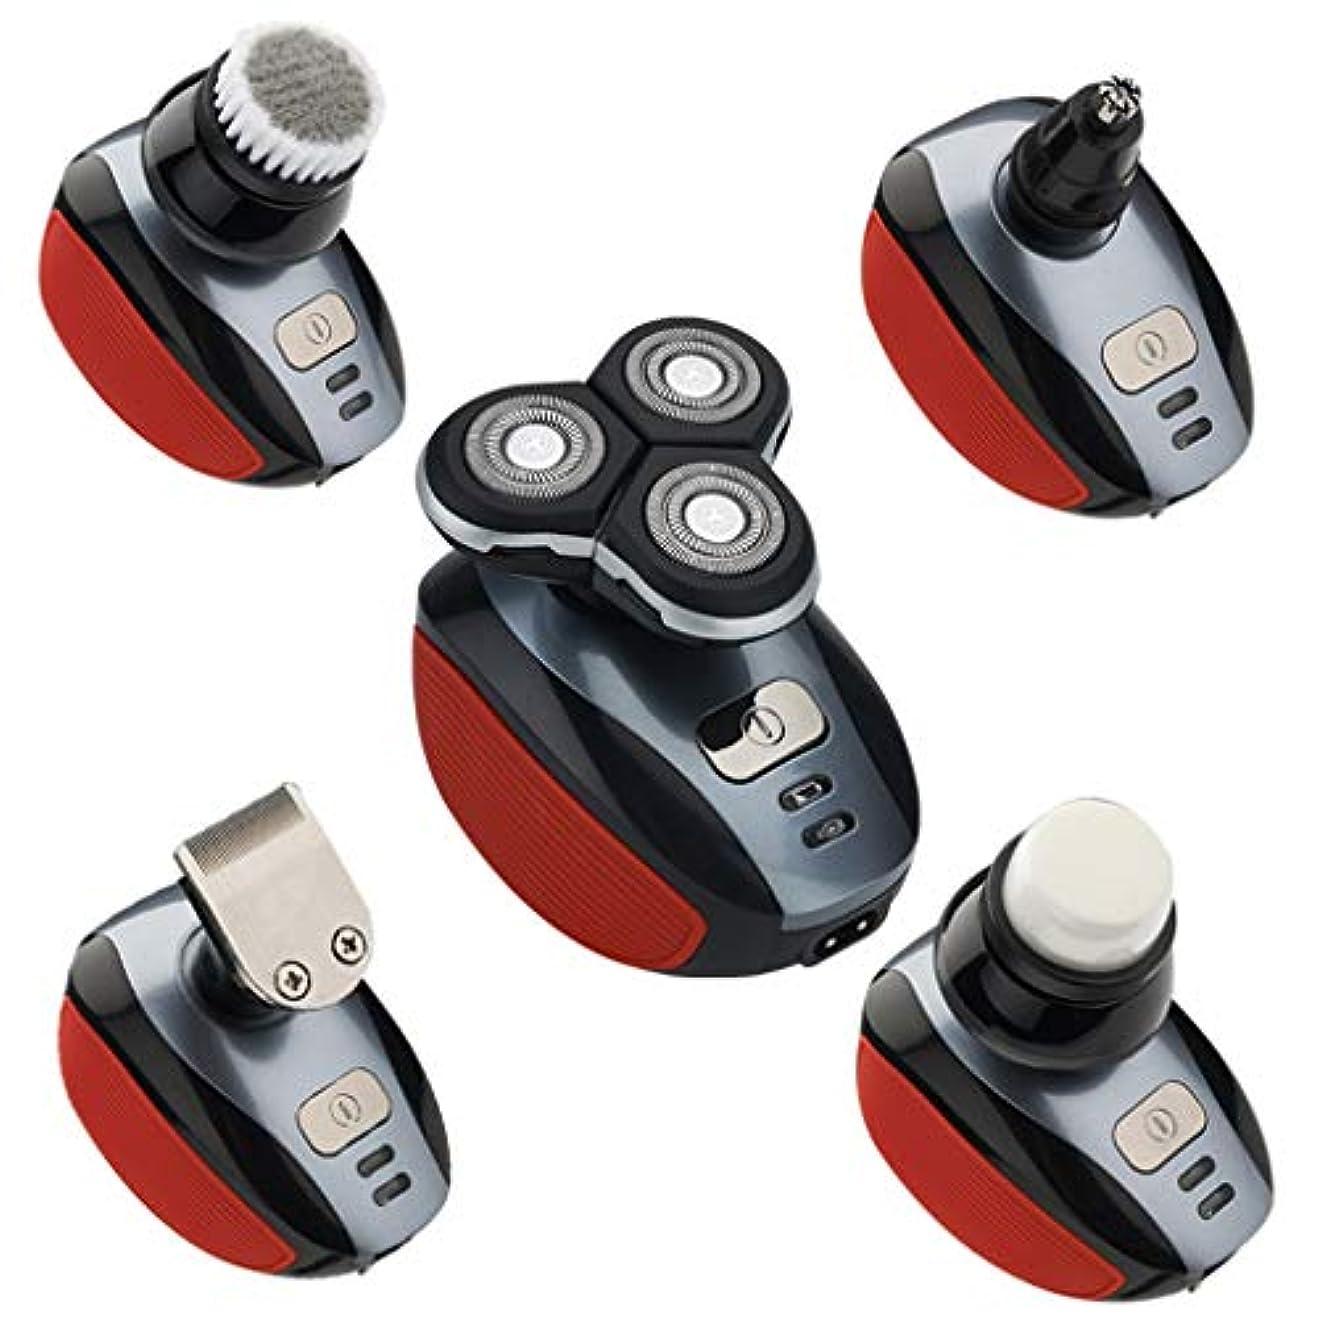 ルーサロン所属電気かみそり、メンズUSB充電コードレスひげトリマー、防水/ベニヤデザイン、多機能バリカン/鼻毛トリム